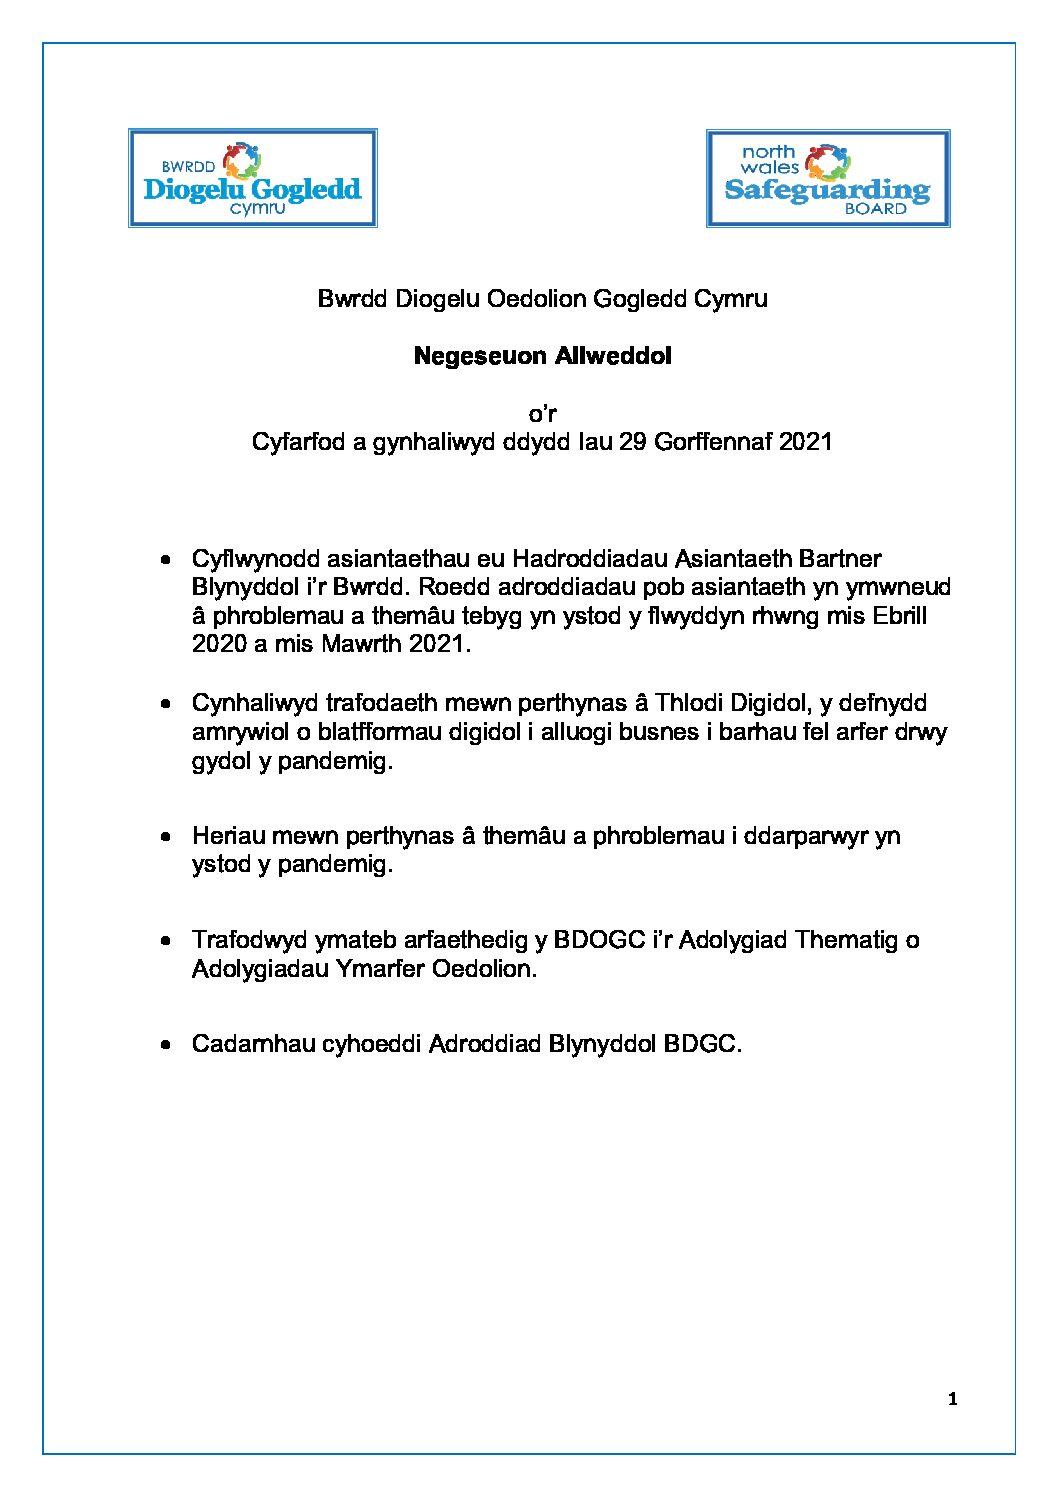 BDOGC Negeseuon Allweddol Gorffennaf 2021